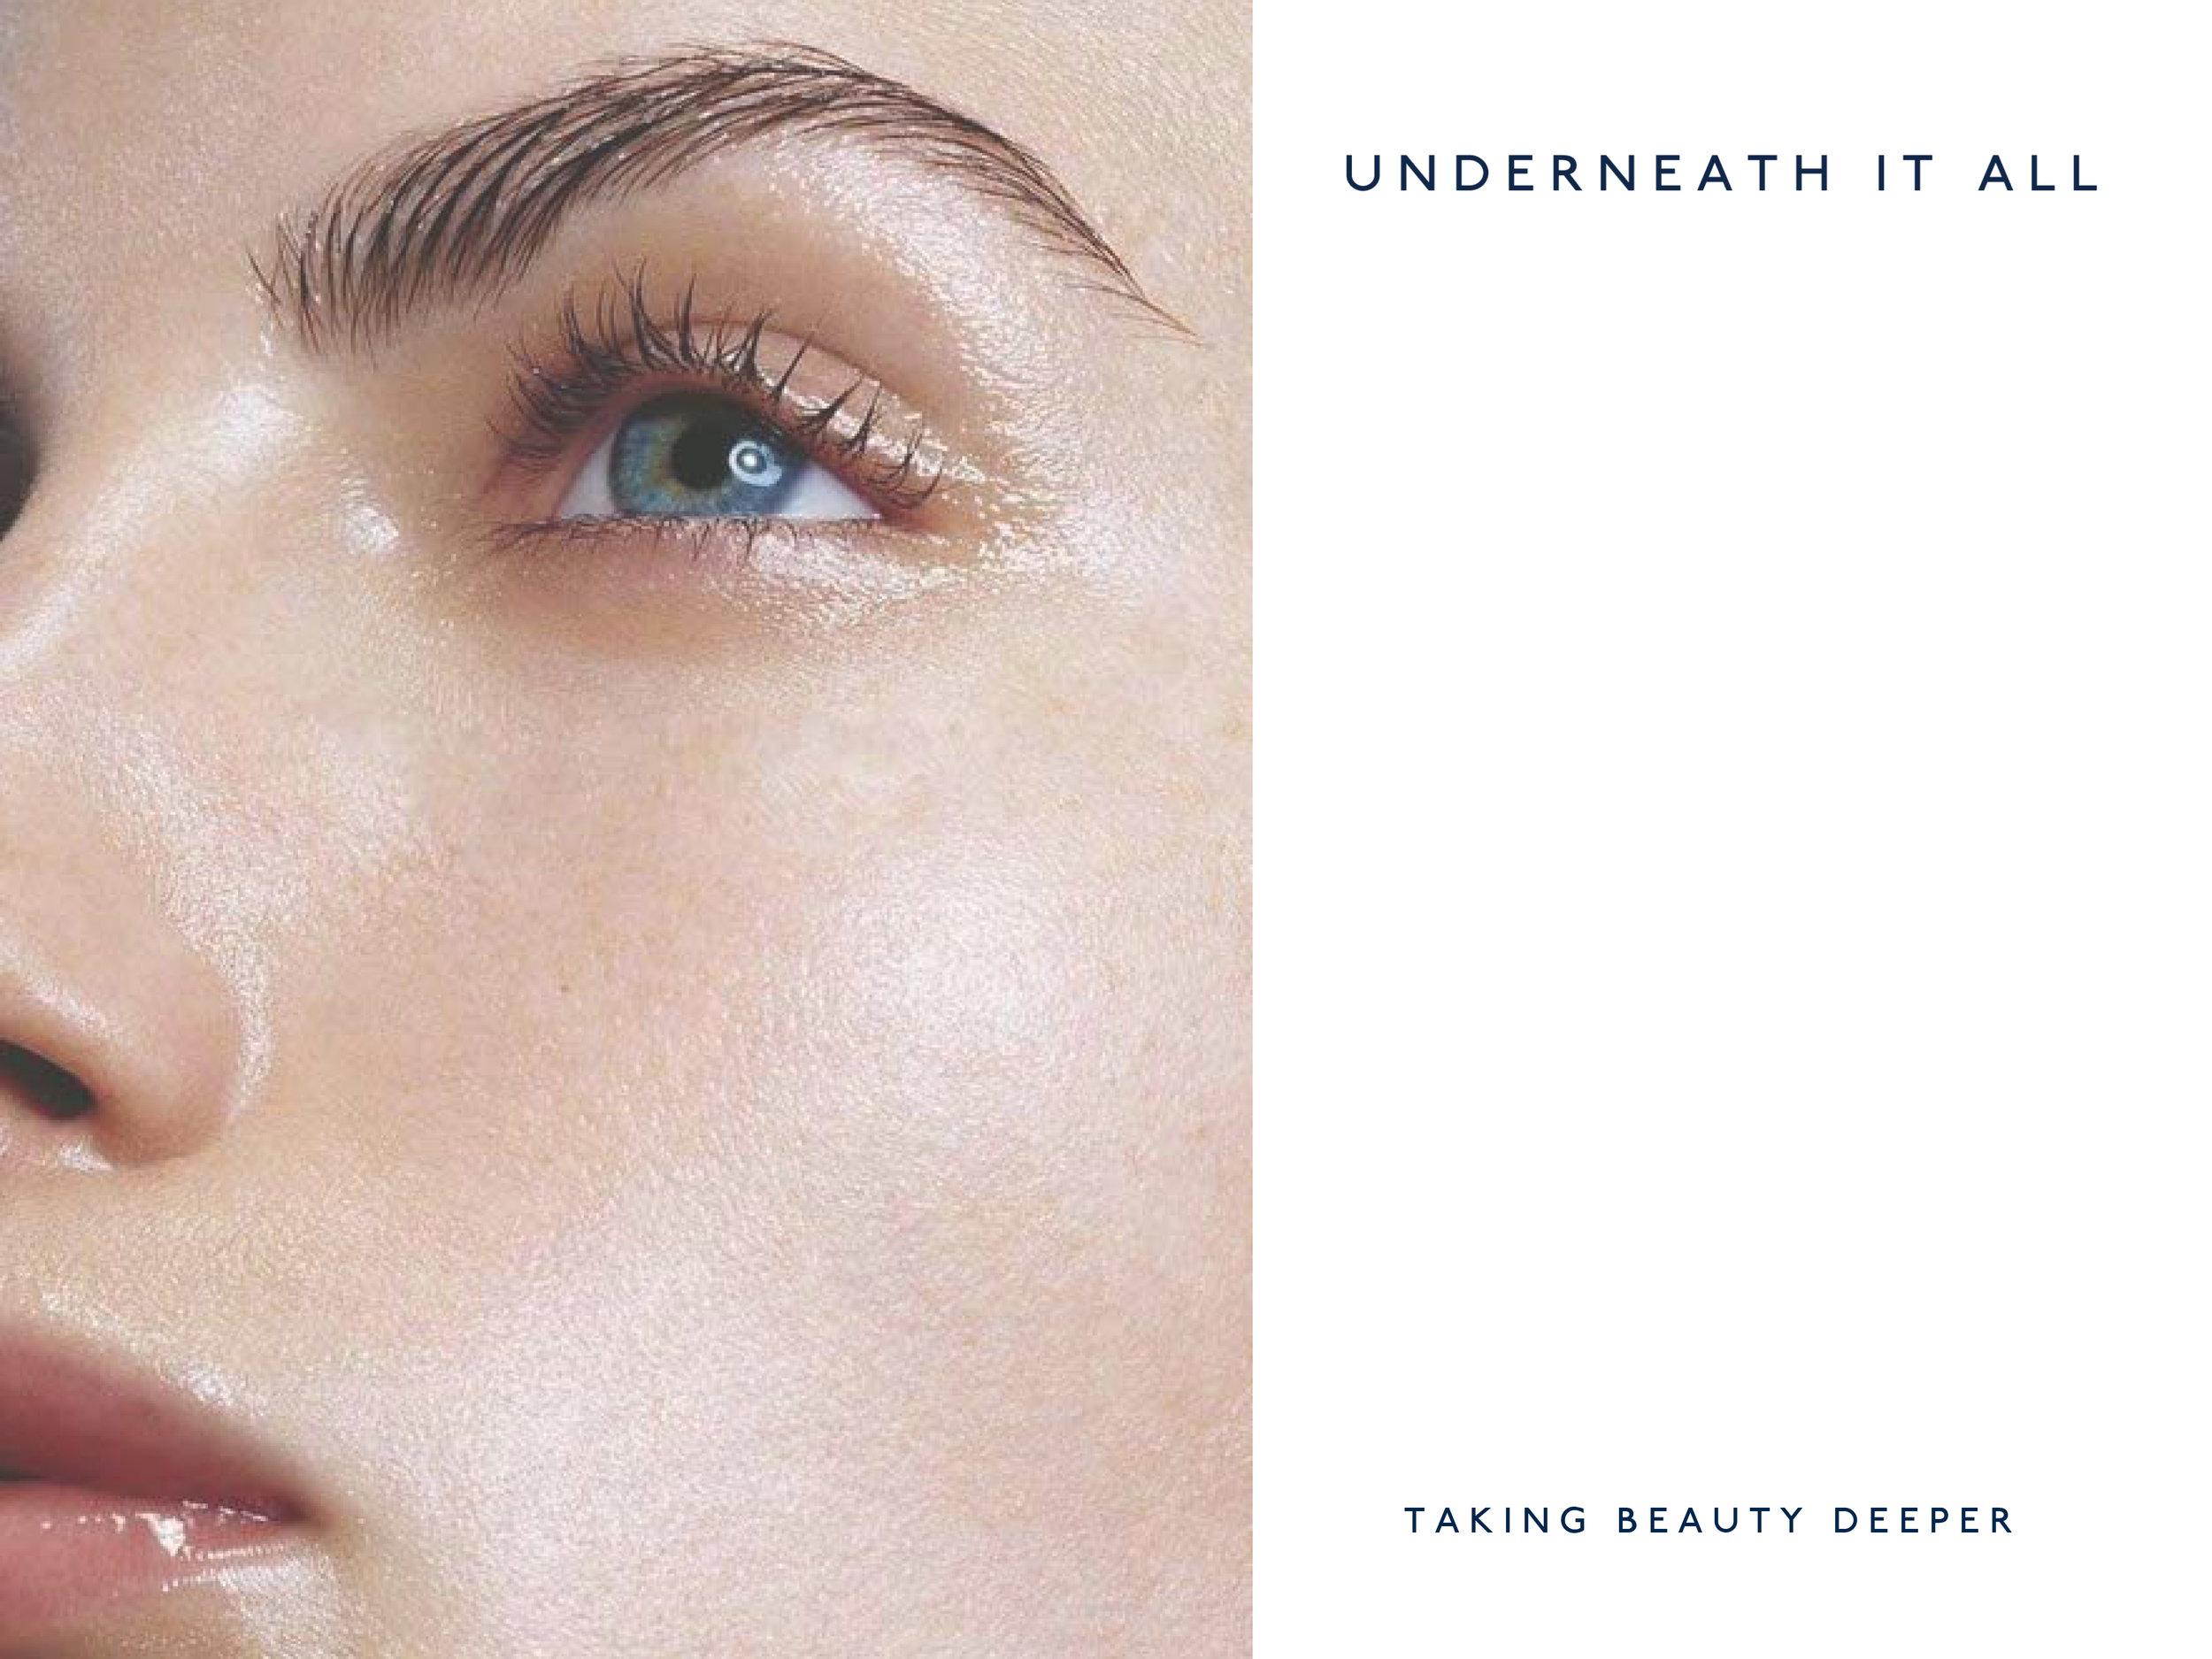 underneathitall_brows.jpg